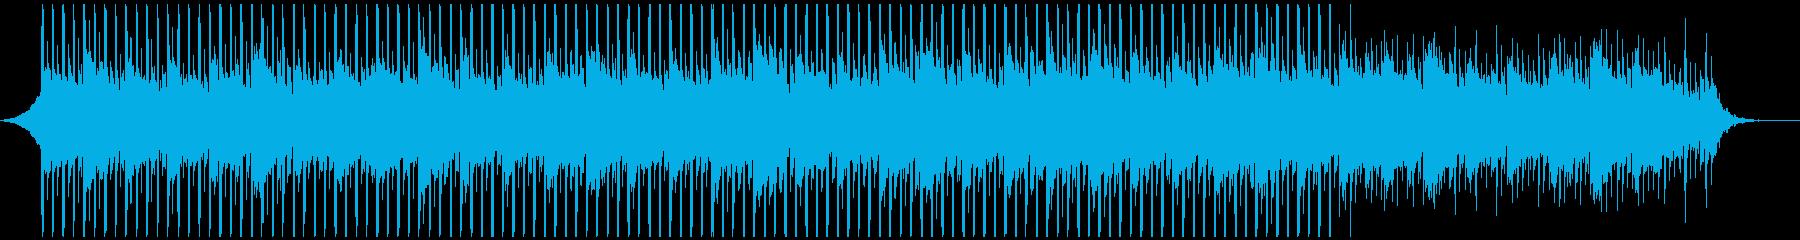 これは情報です(中)の再生済みの波形